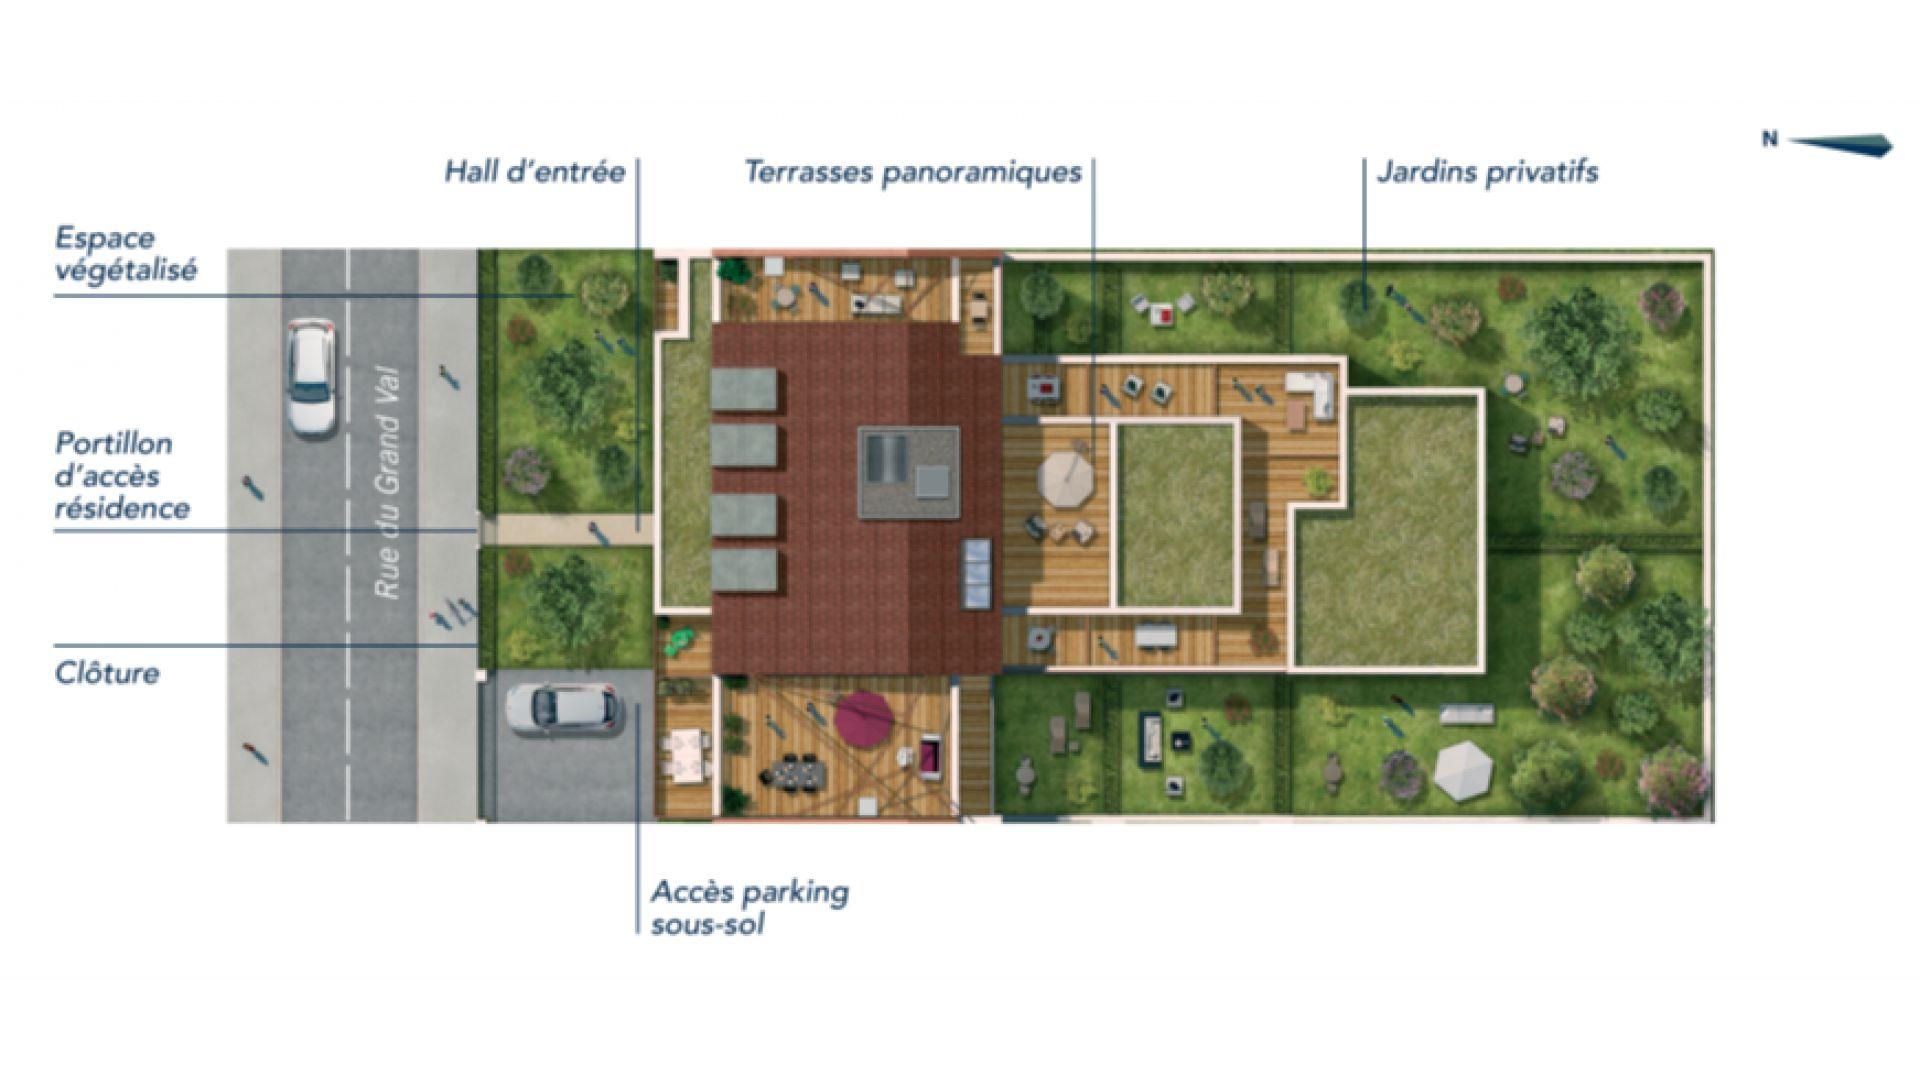 GreenCity immobilier - Sucy en Brie - 94370 - Résidence du Grand val - appartement neuf du T1 au T5 - plan de masse